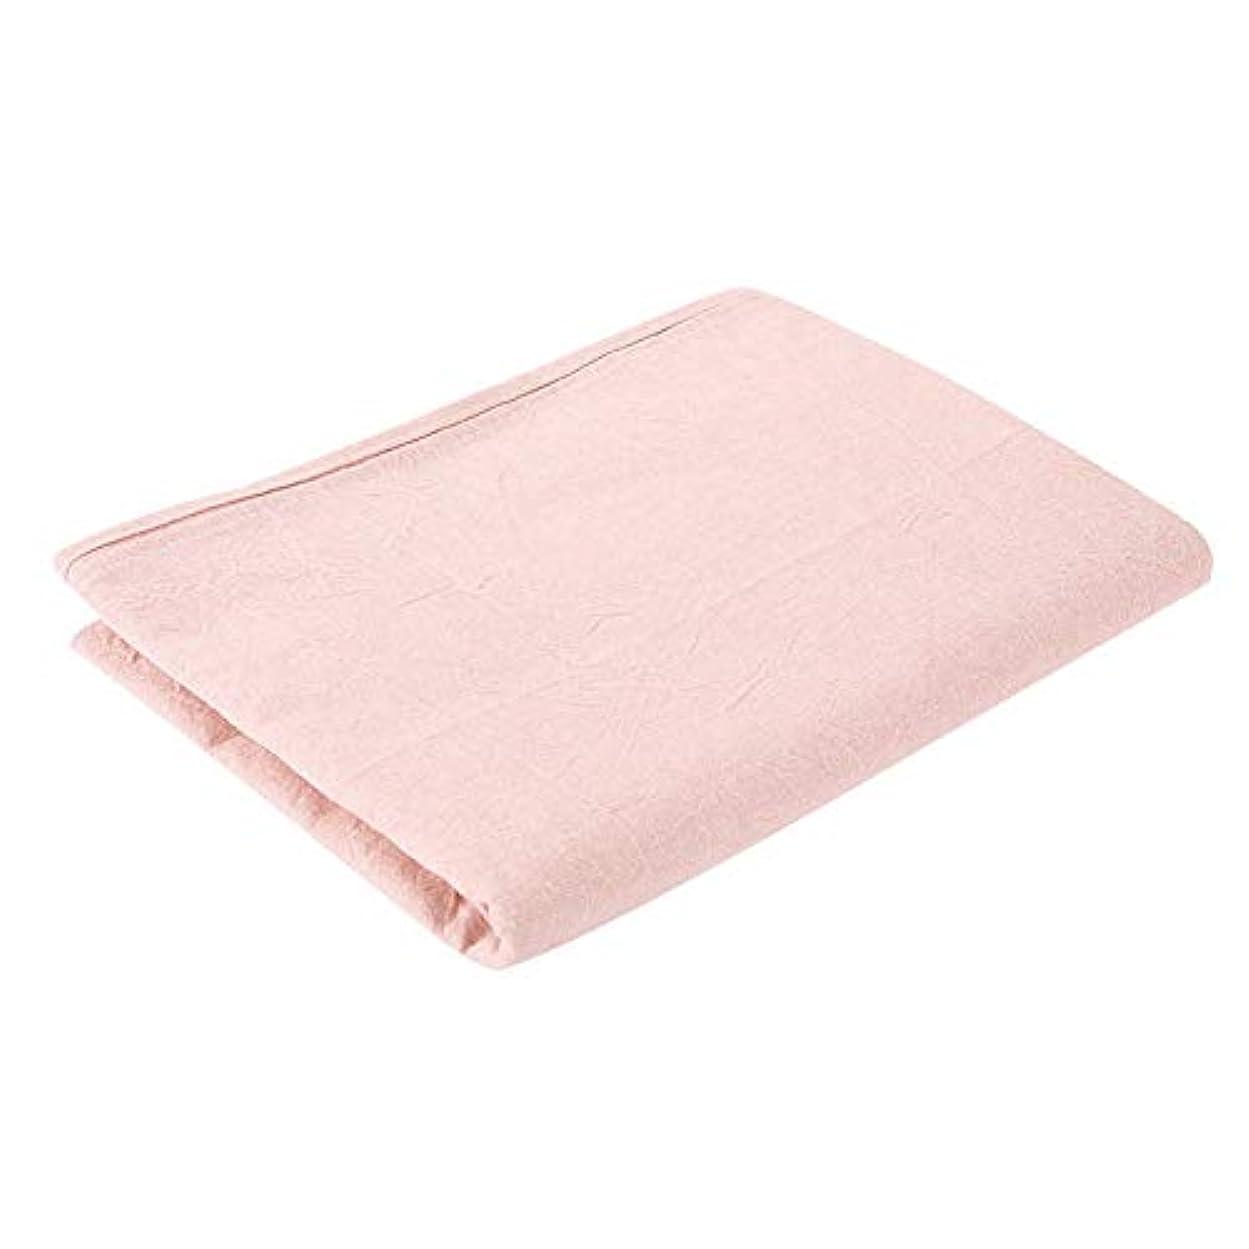 石千必要とする通気性のある 穴が付いている 8色 美容院 マッサージ 鉱泉 ソファー 顔の呼吸穴が付いている カバー 柔らかい 綿 ベッド カバー(07)